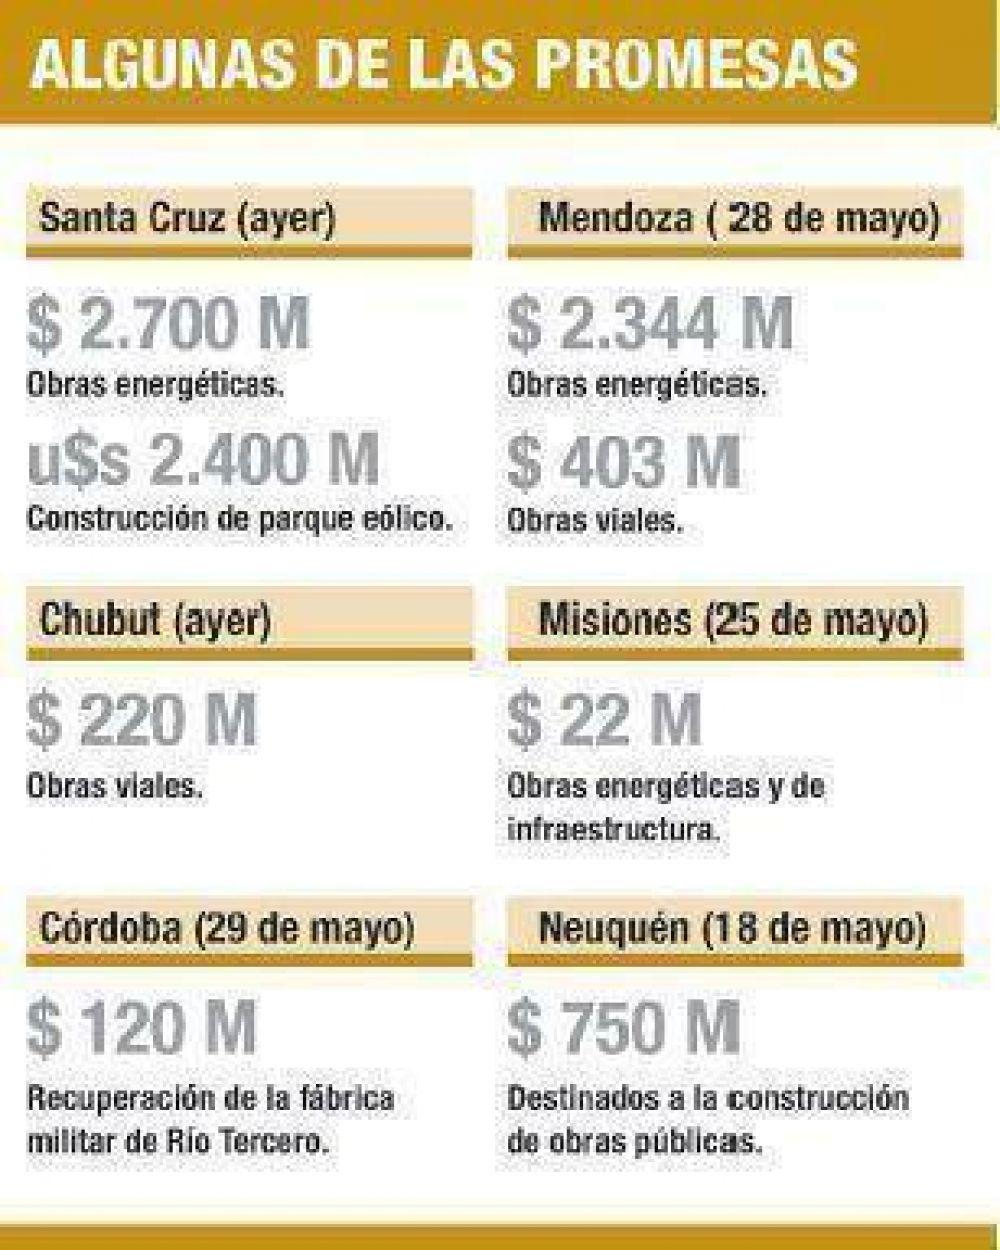 Cristina anunció ya obras públicas por más de $ 15.500 M en provincias